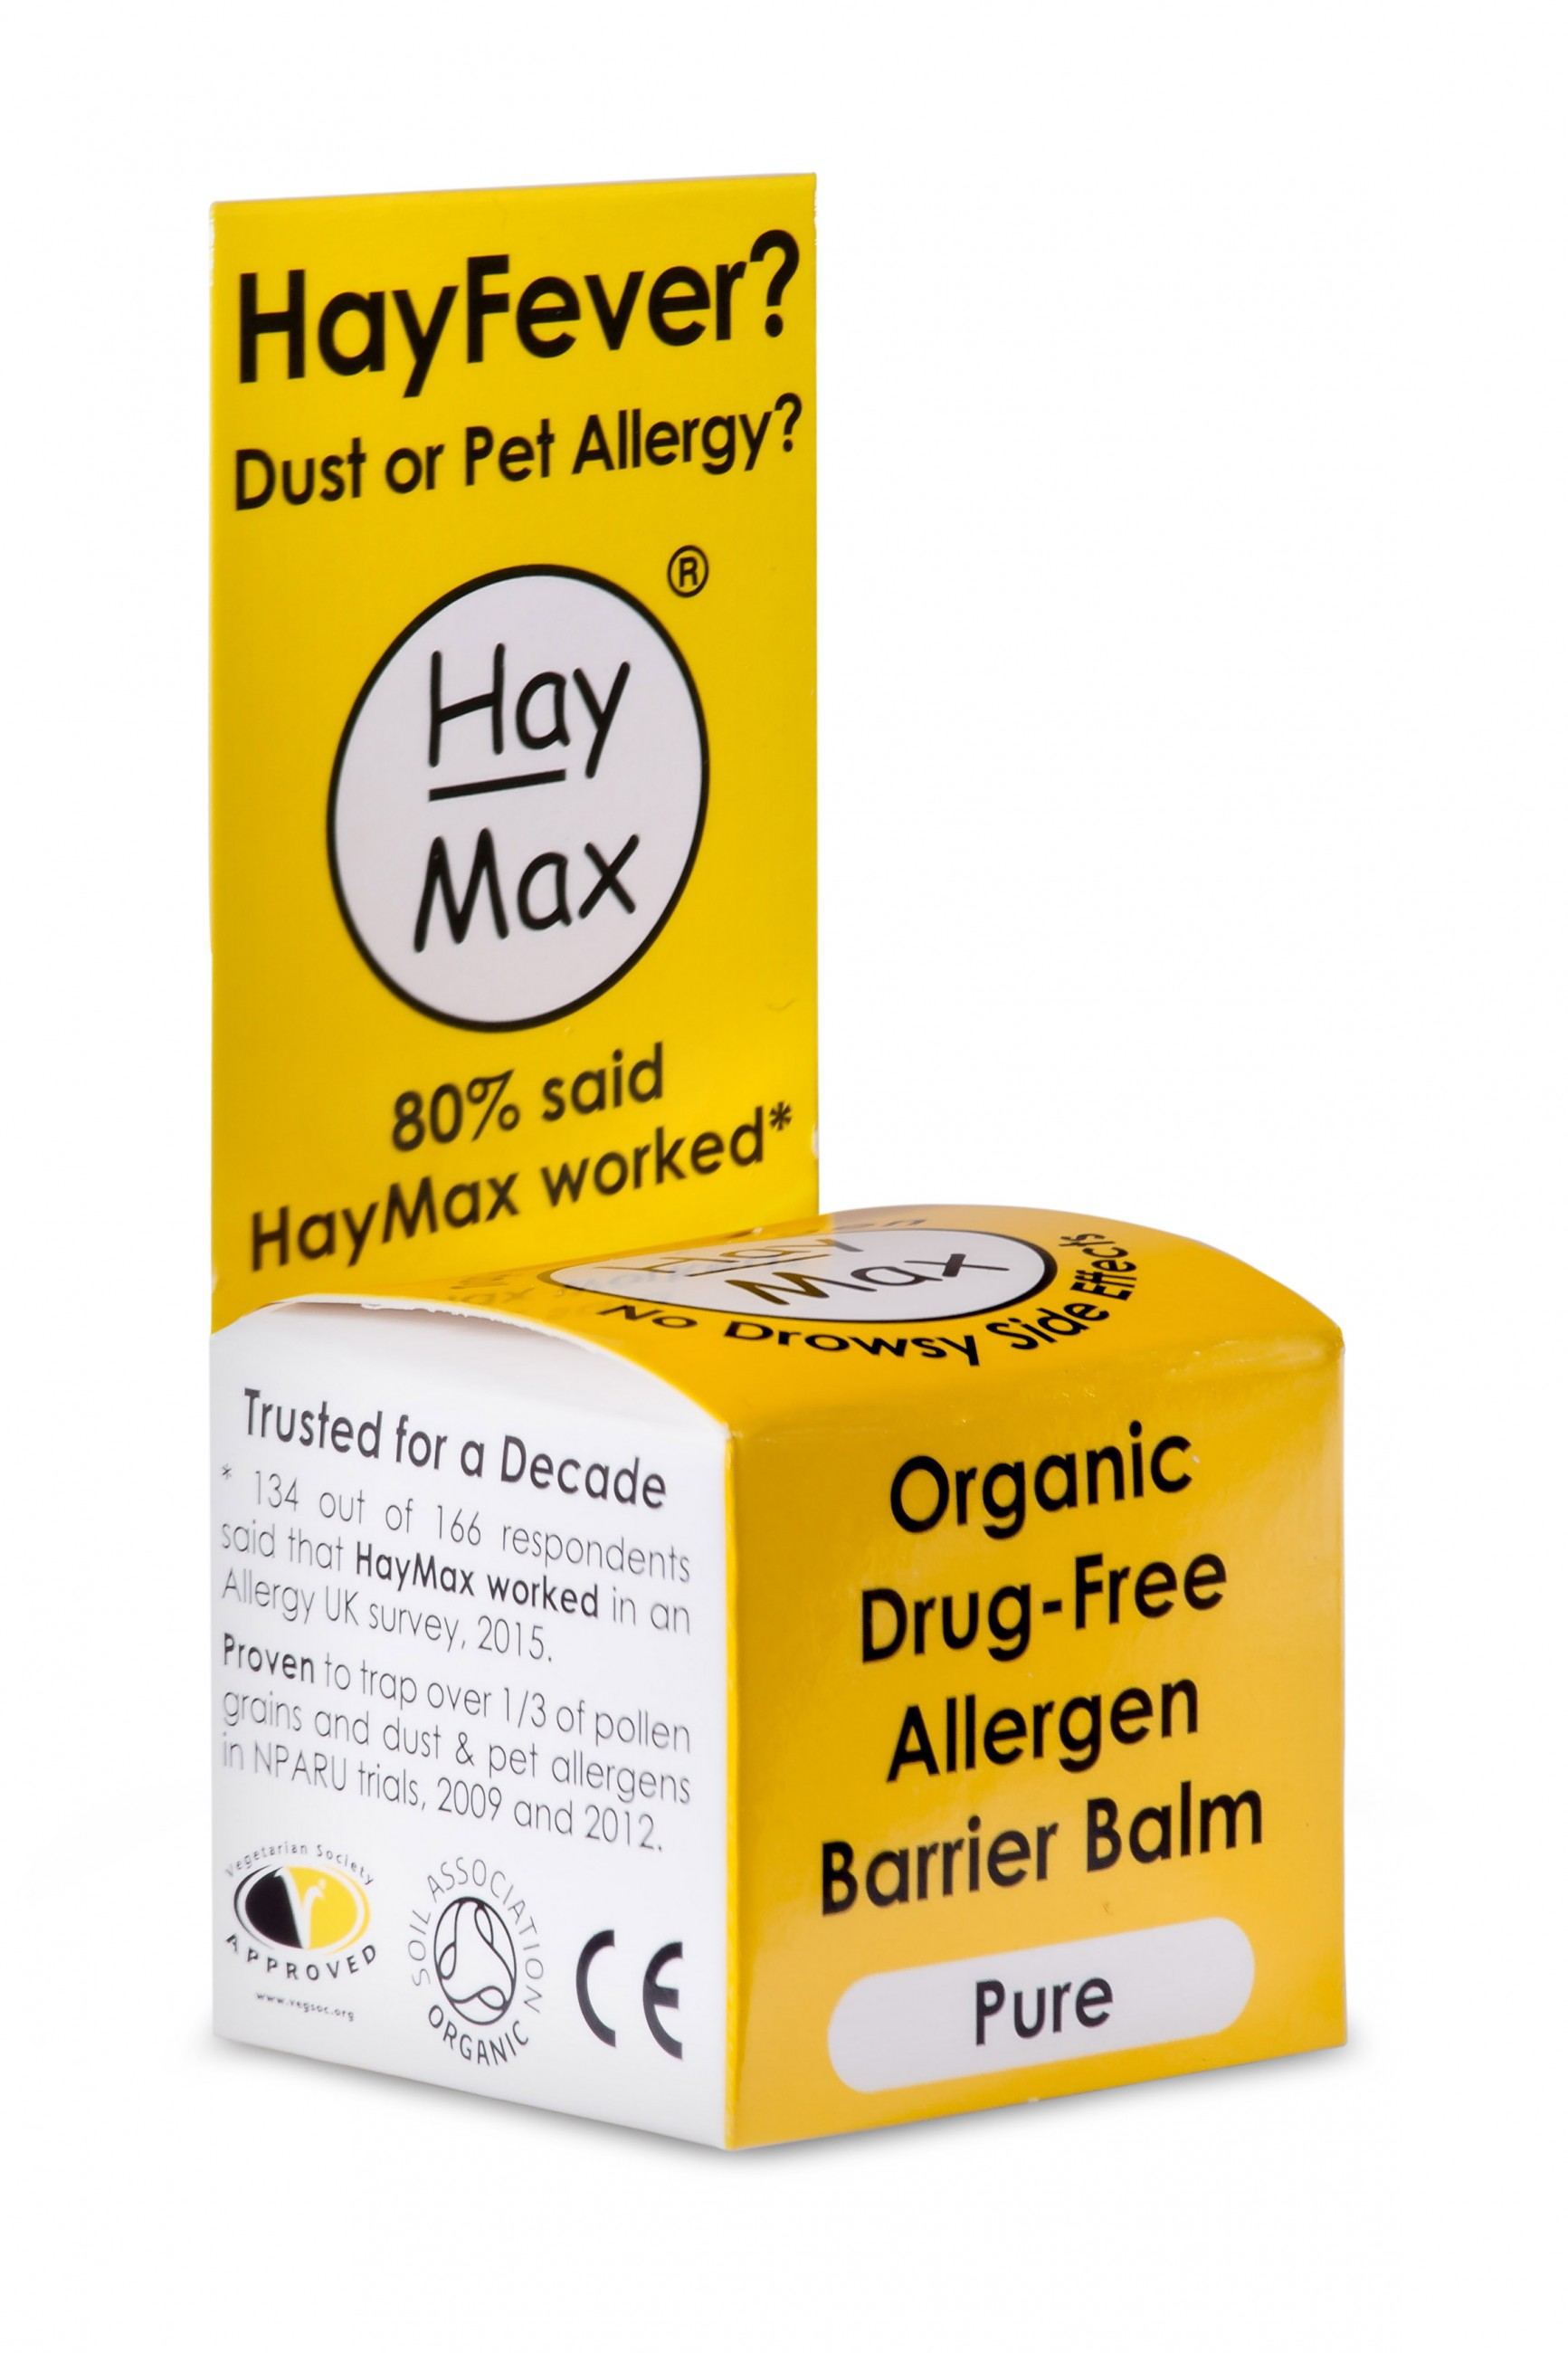 haymax-pure